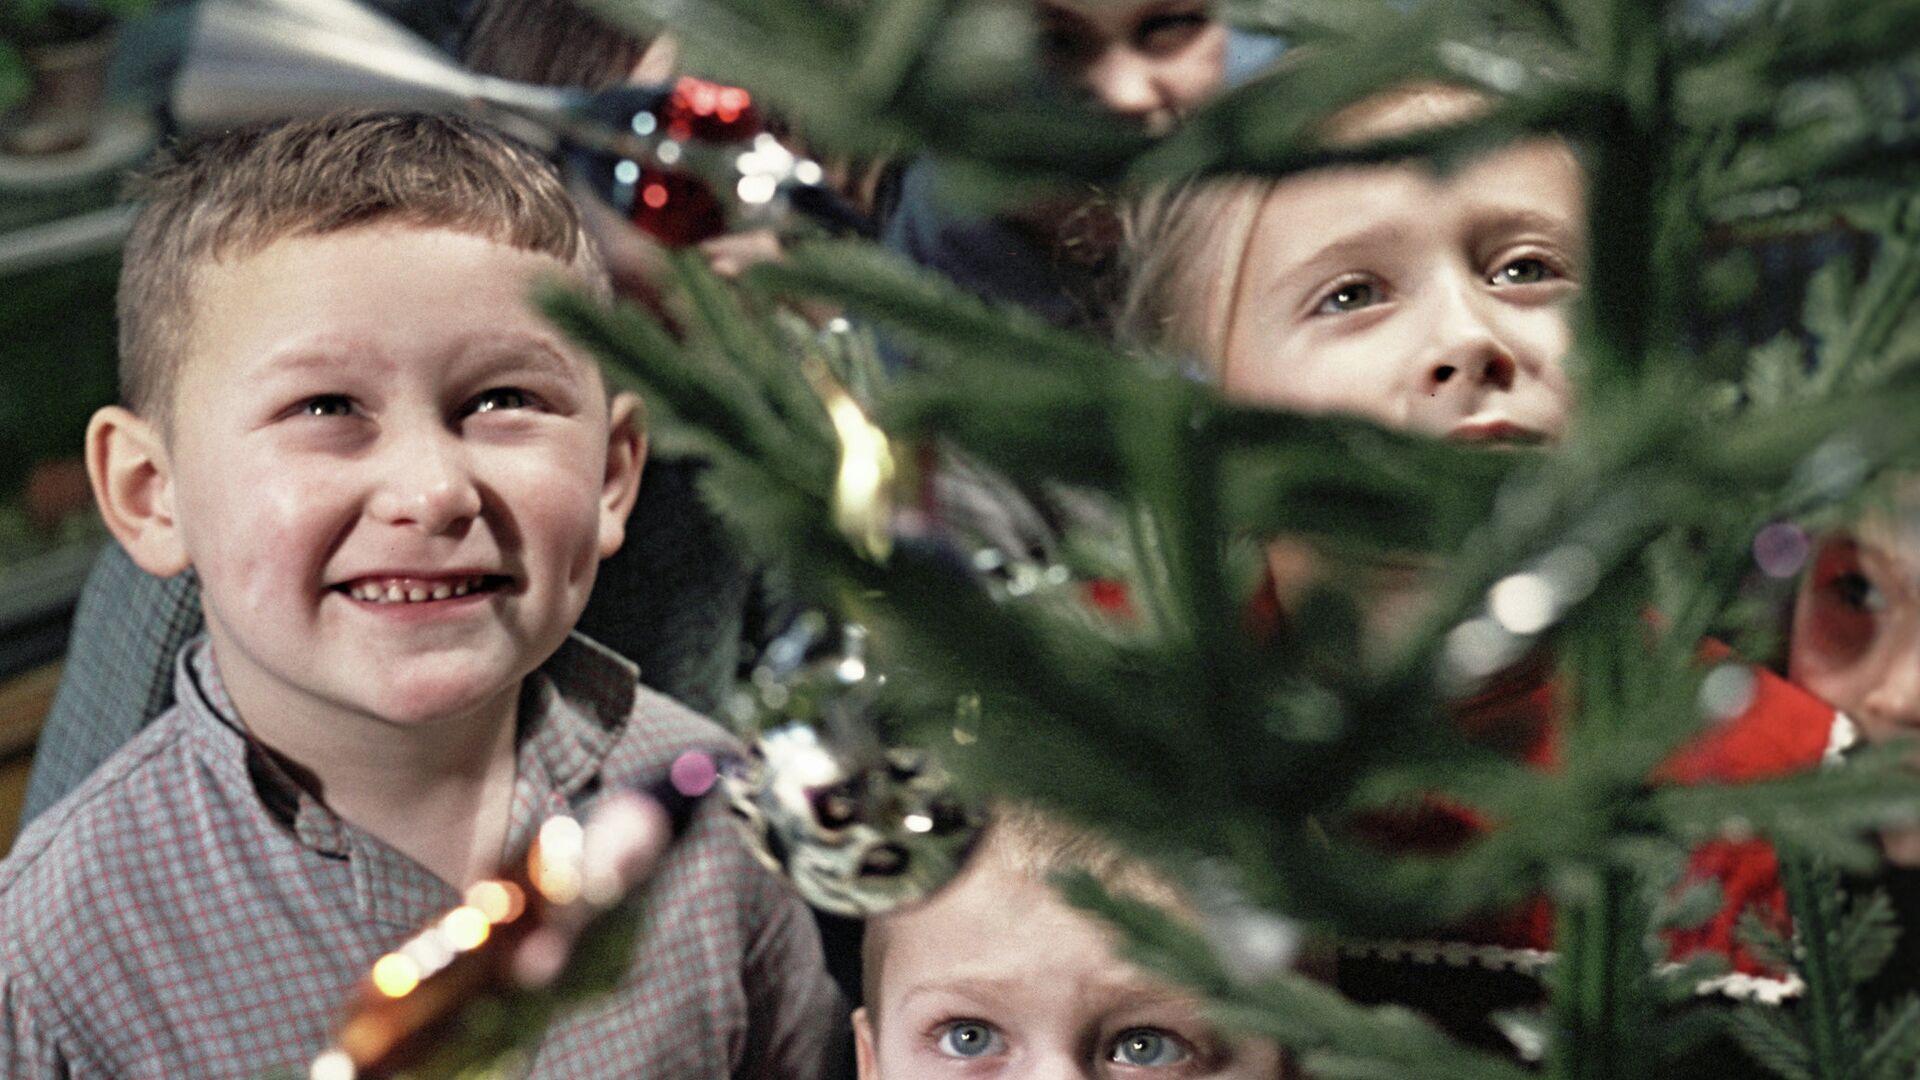 Дети стоят у новогодней елки - РИА Новости, 1920, 08.12.2020